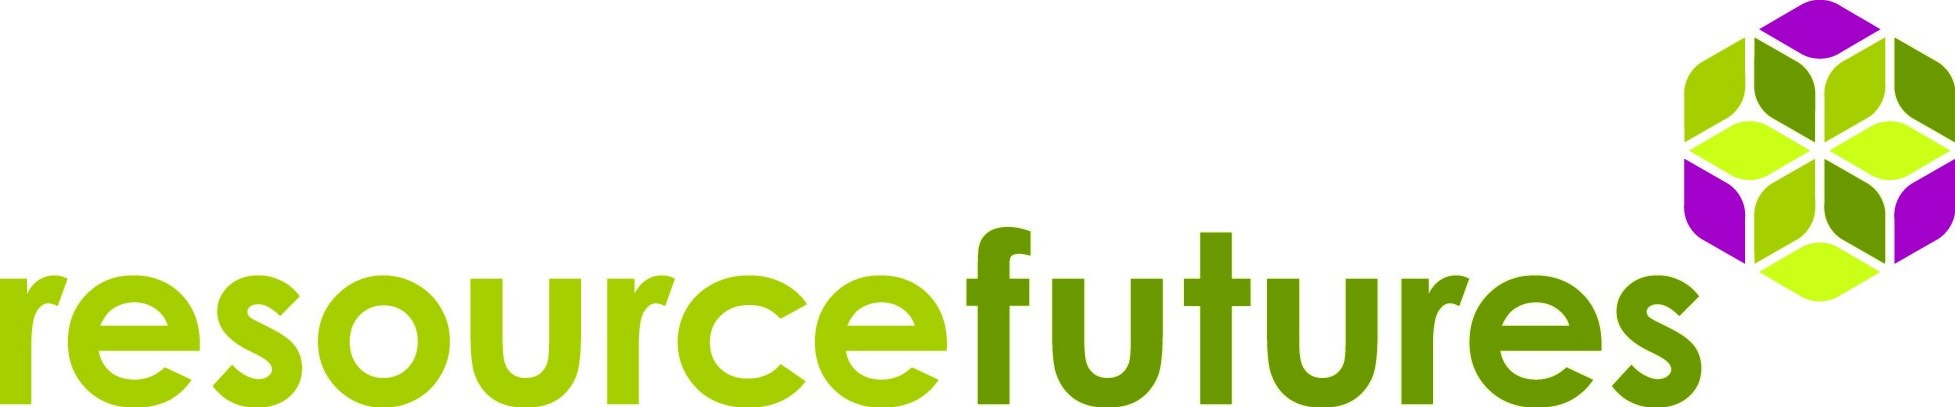 Res_Futures_logo_colour (002).jpg